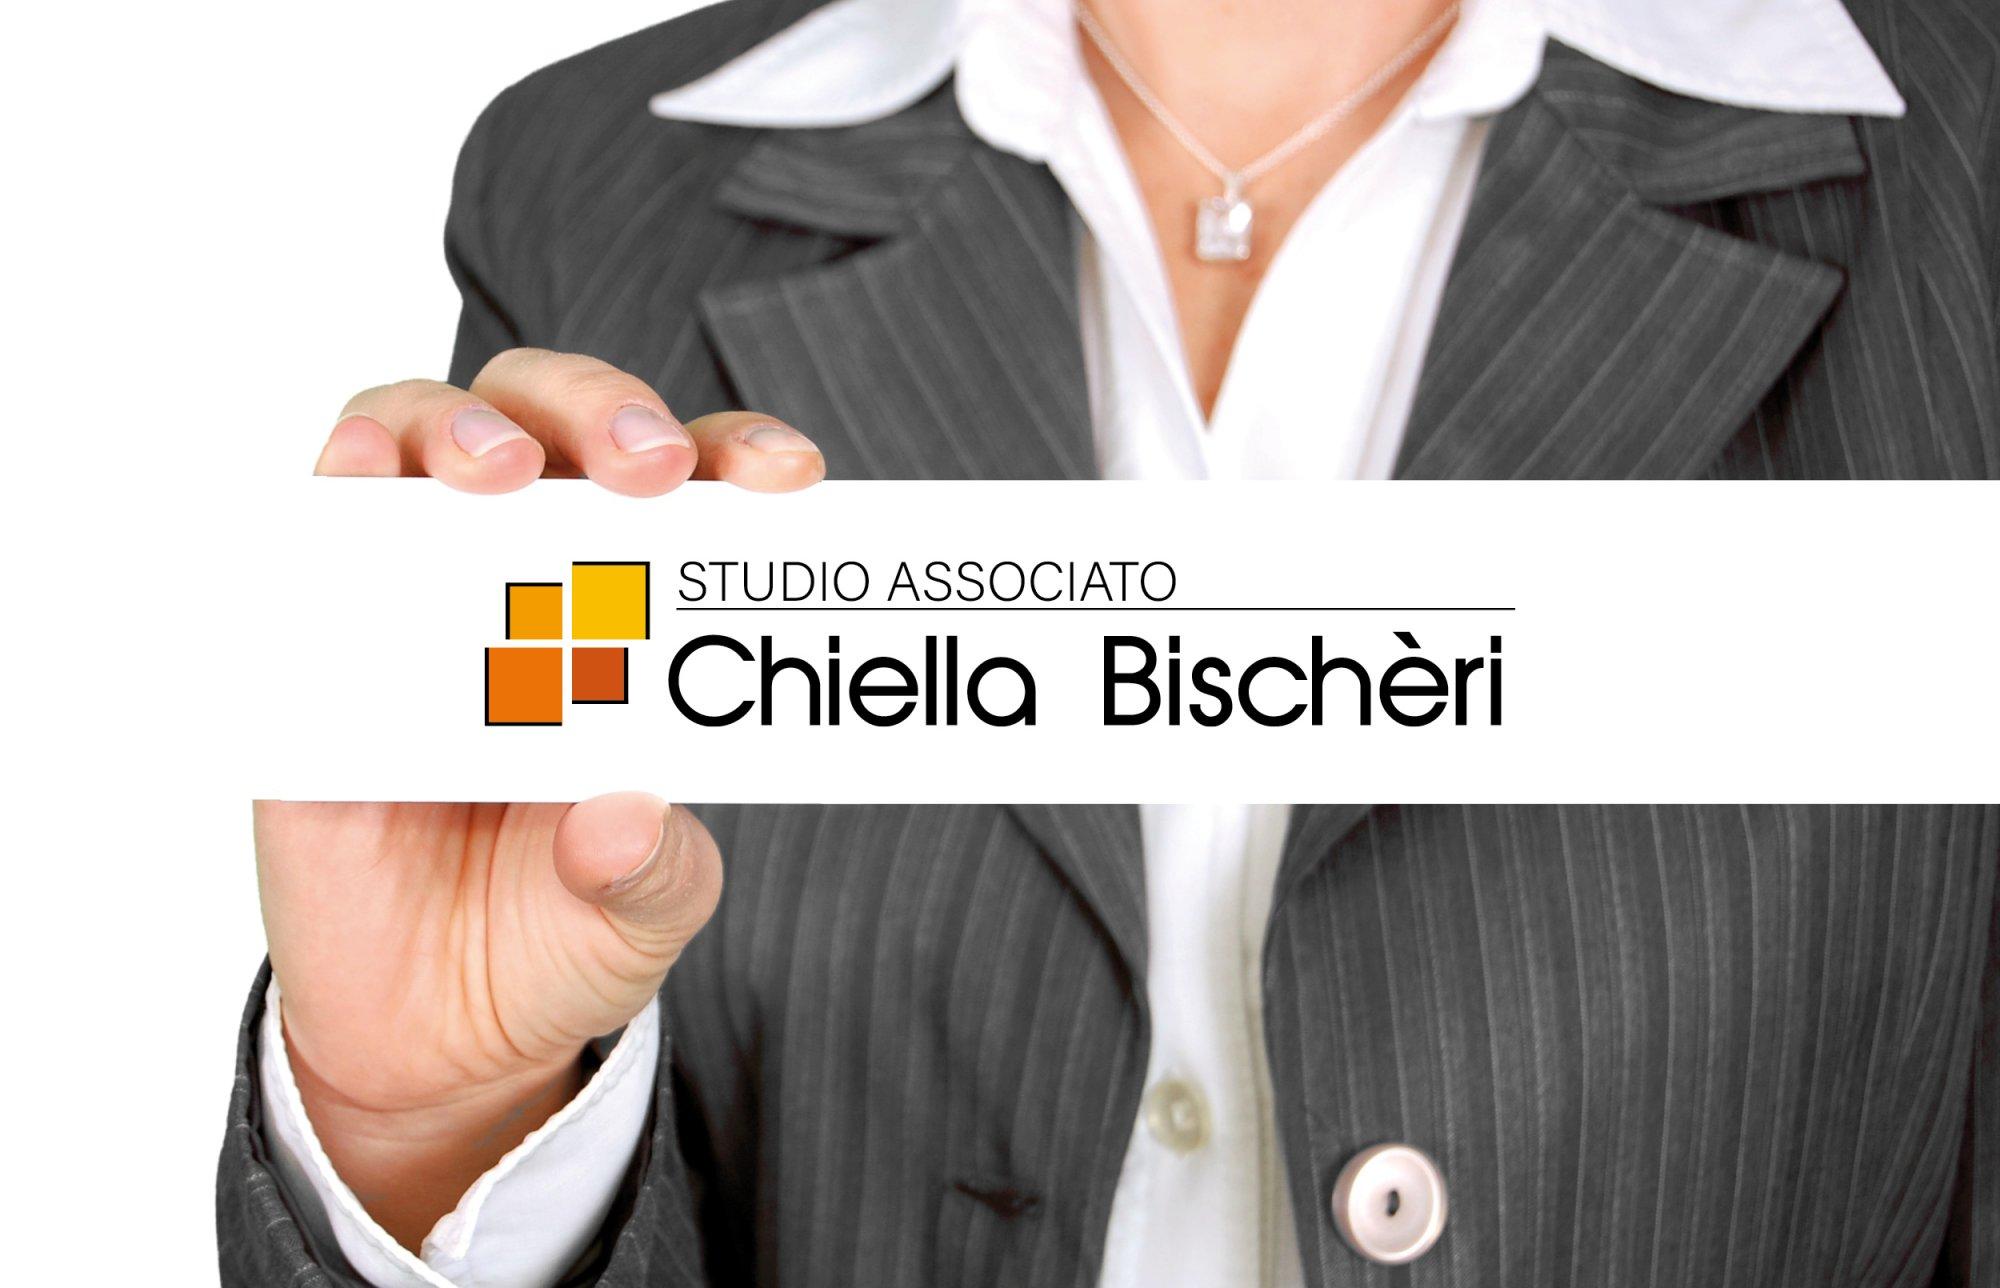 Studio Associato Chiella Bischeri